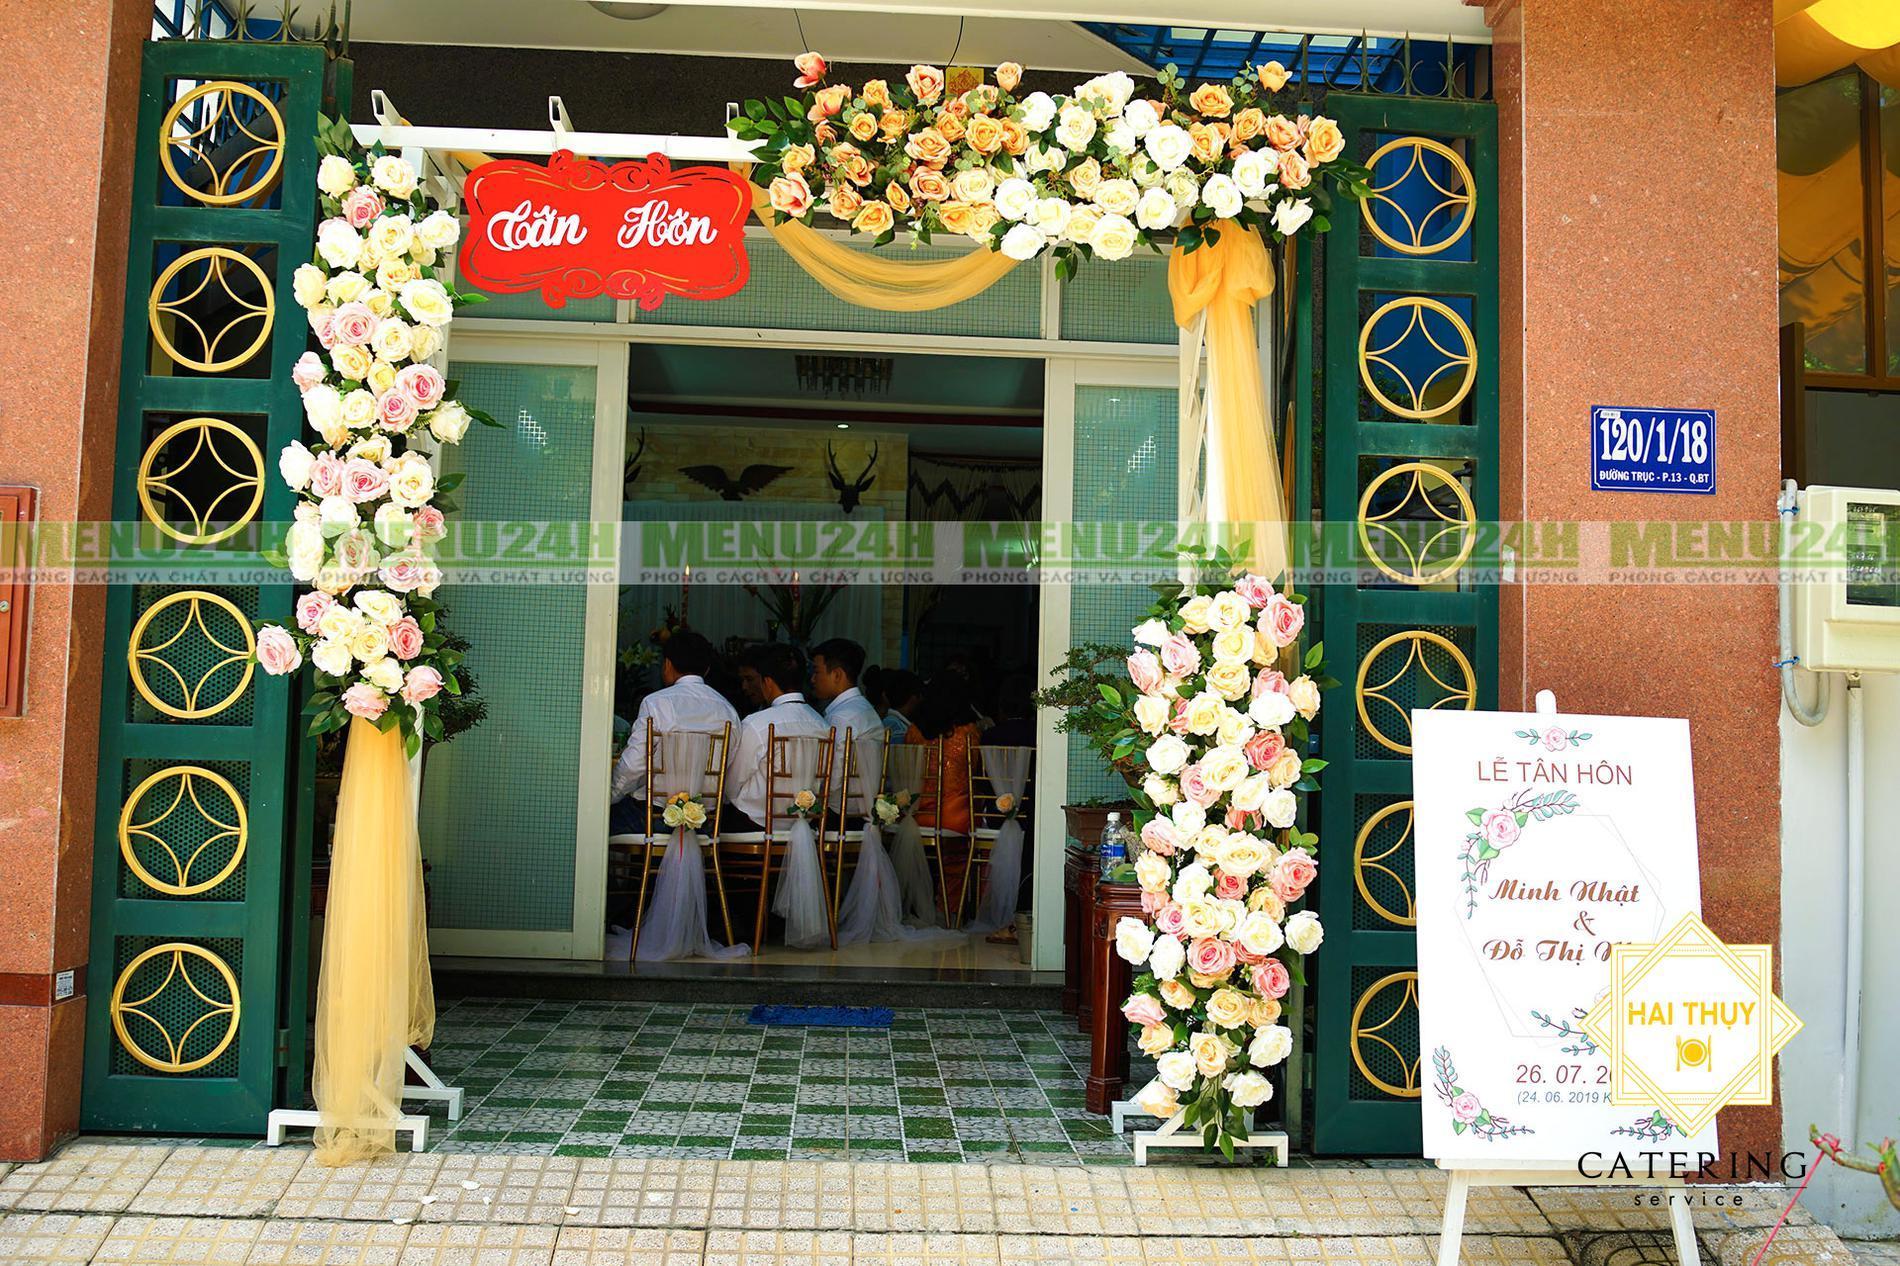 Tổ chức tiệc tân hôn tại nhà - Chìm đắm trong những phút giây hạnh phúc